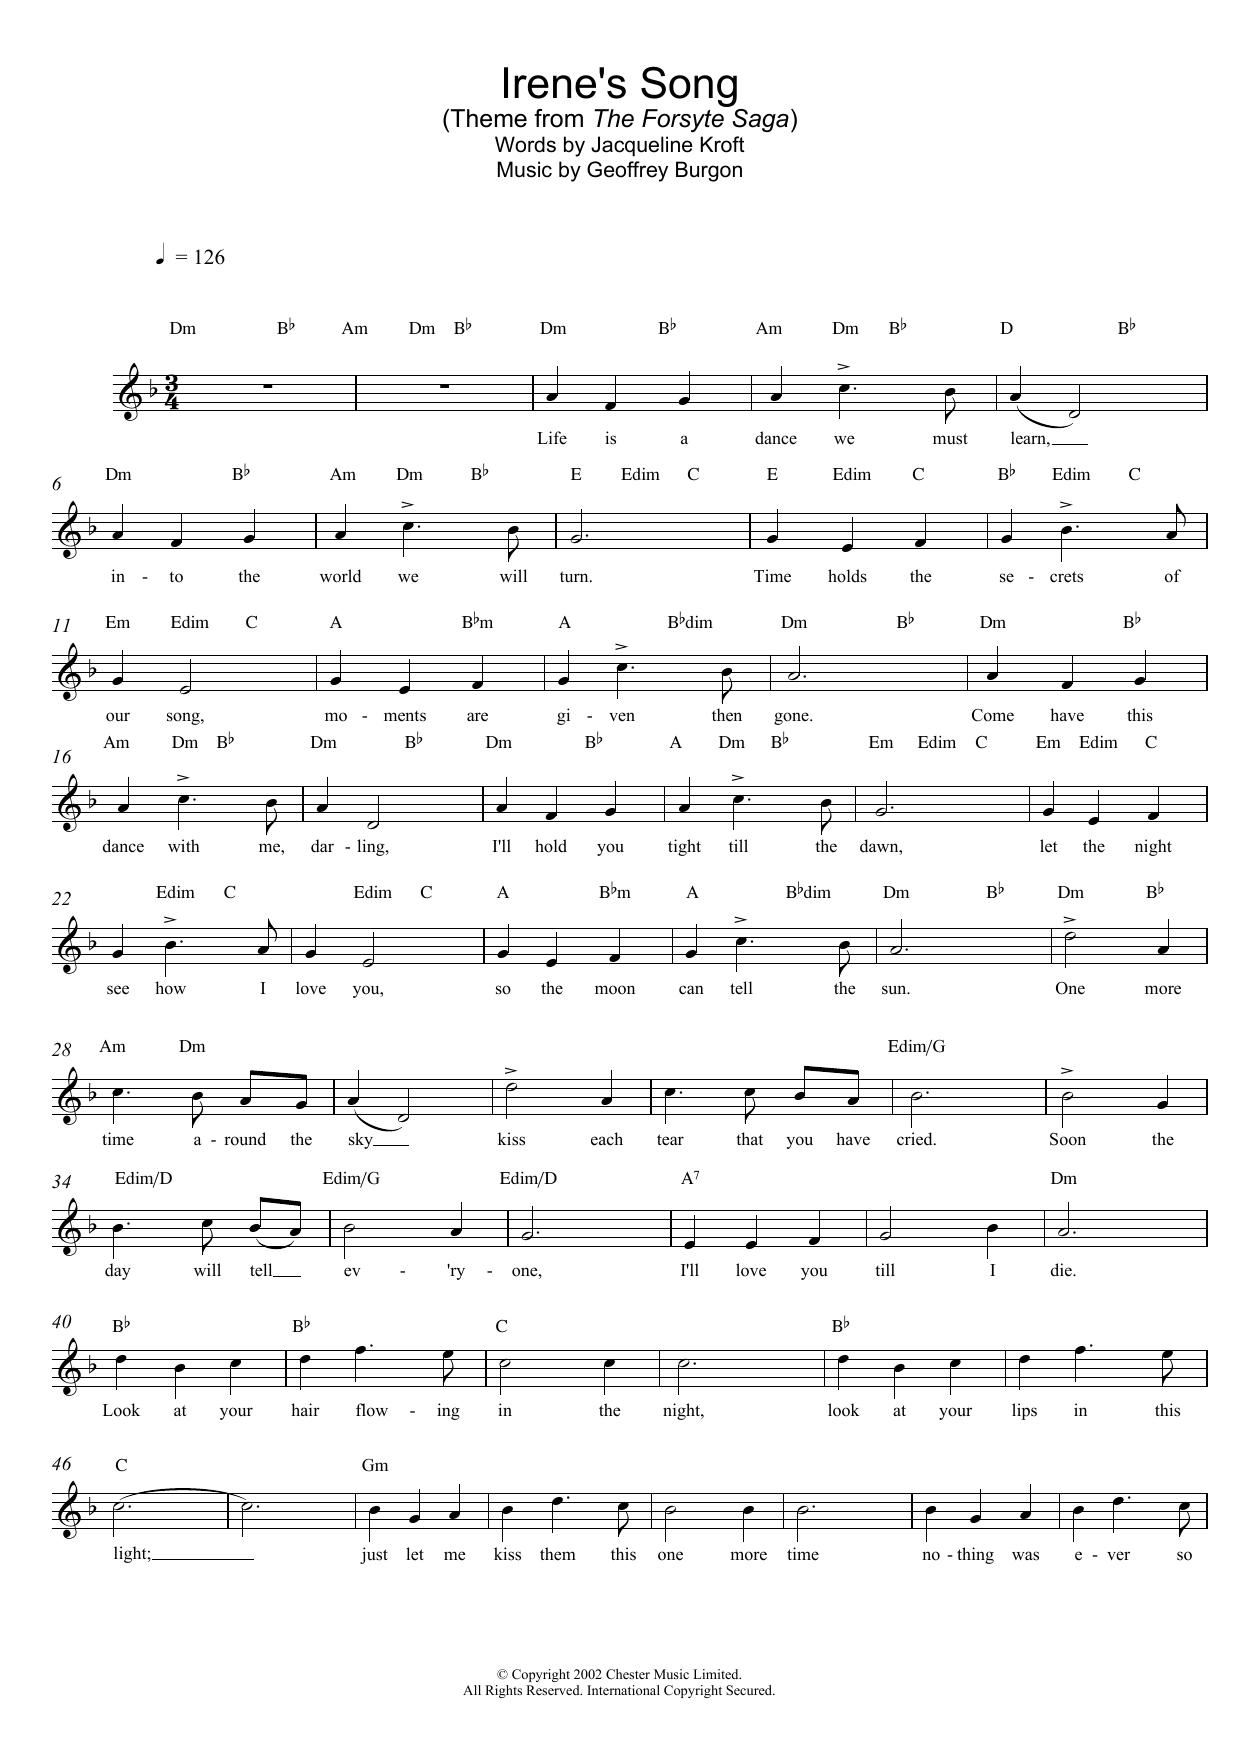 Irene's Song (theme from The Forsyte Saga) Sheet Music